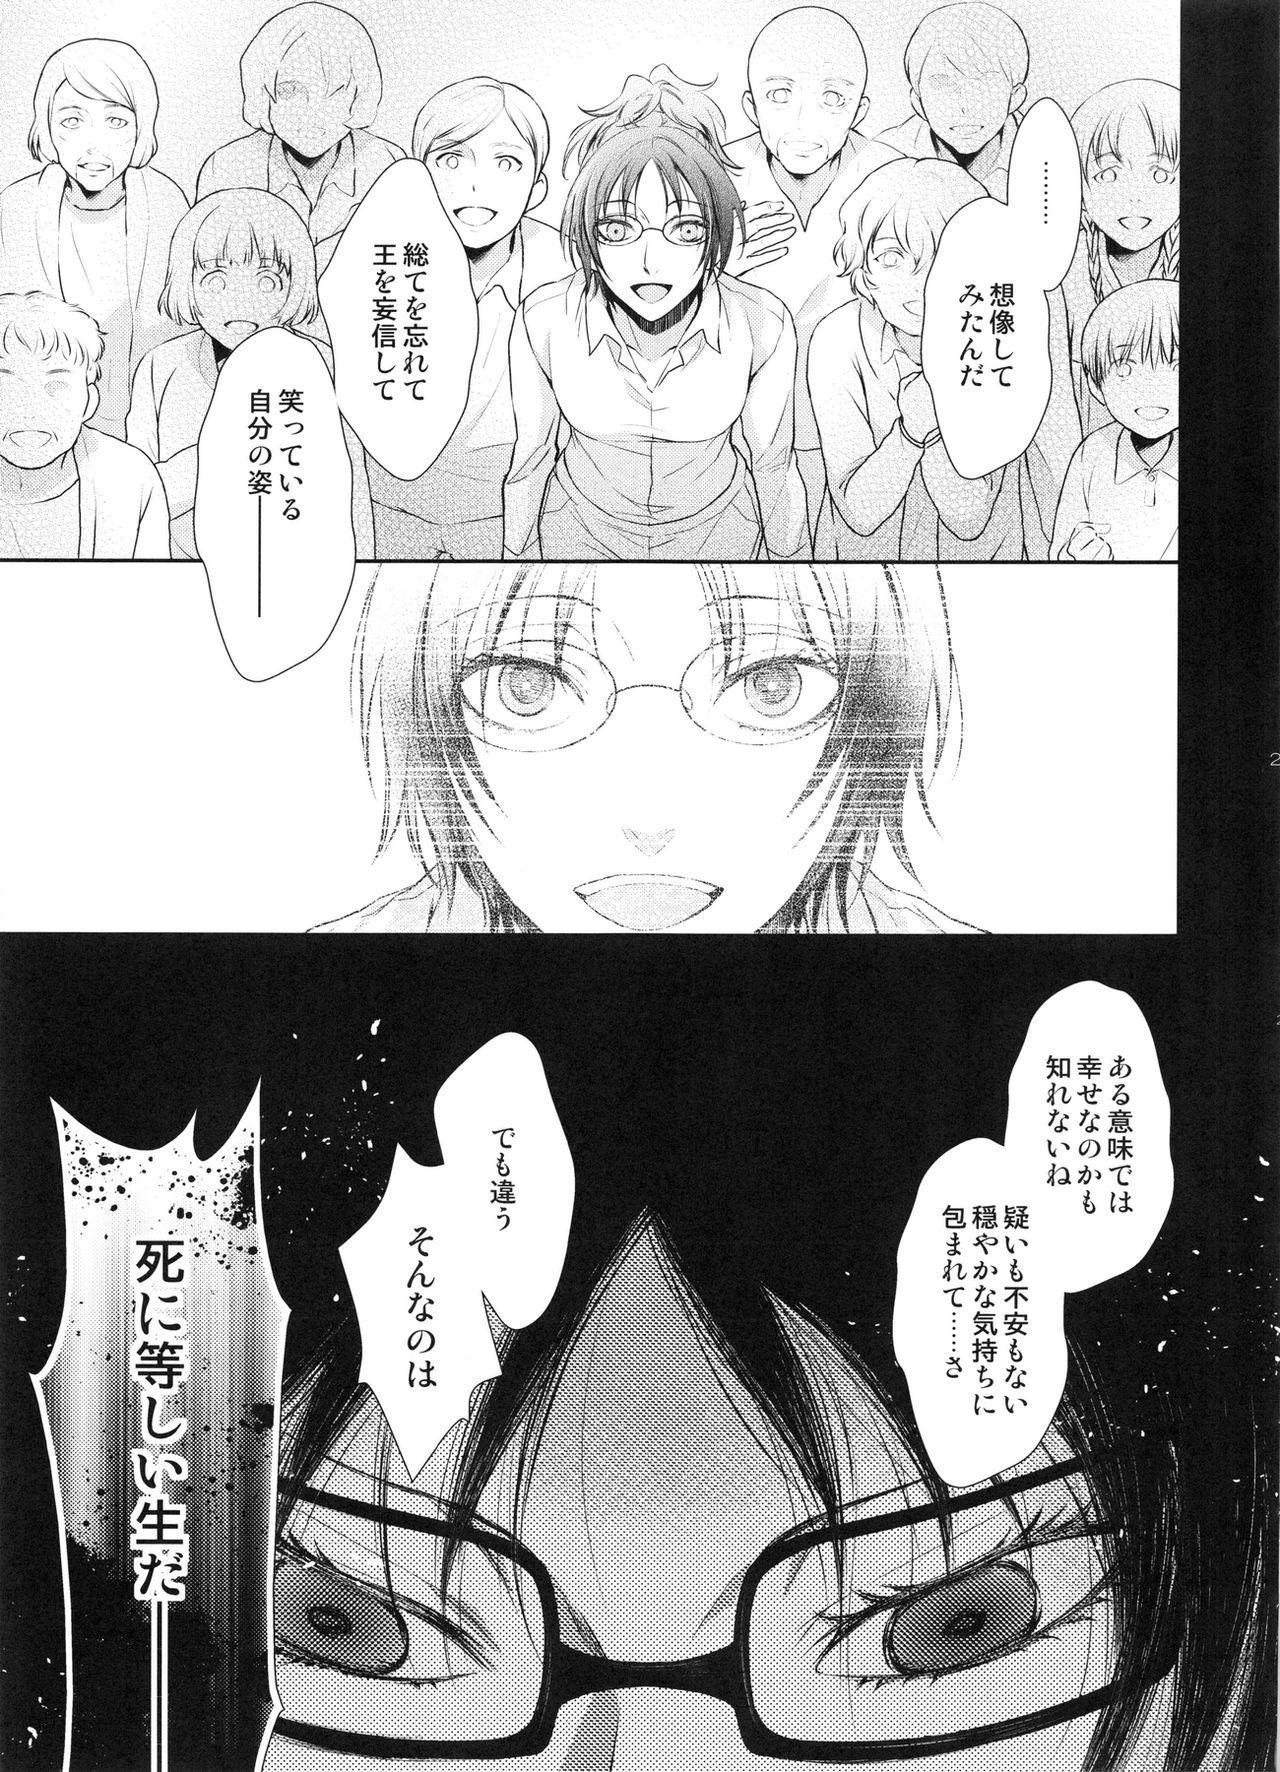 Meguri Meguri Soshite Mata Hana wa Saku 28